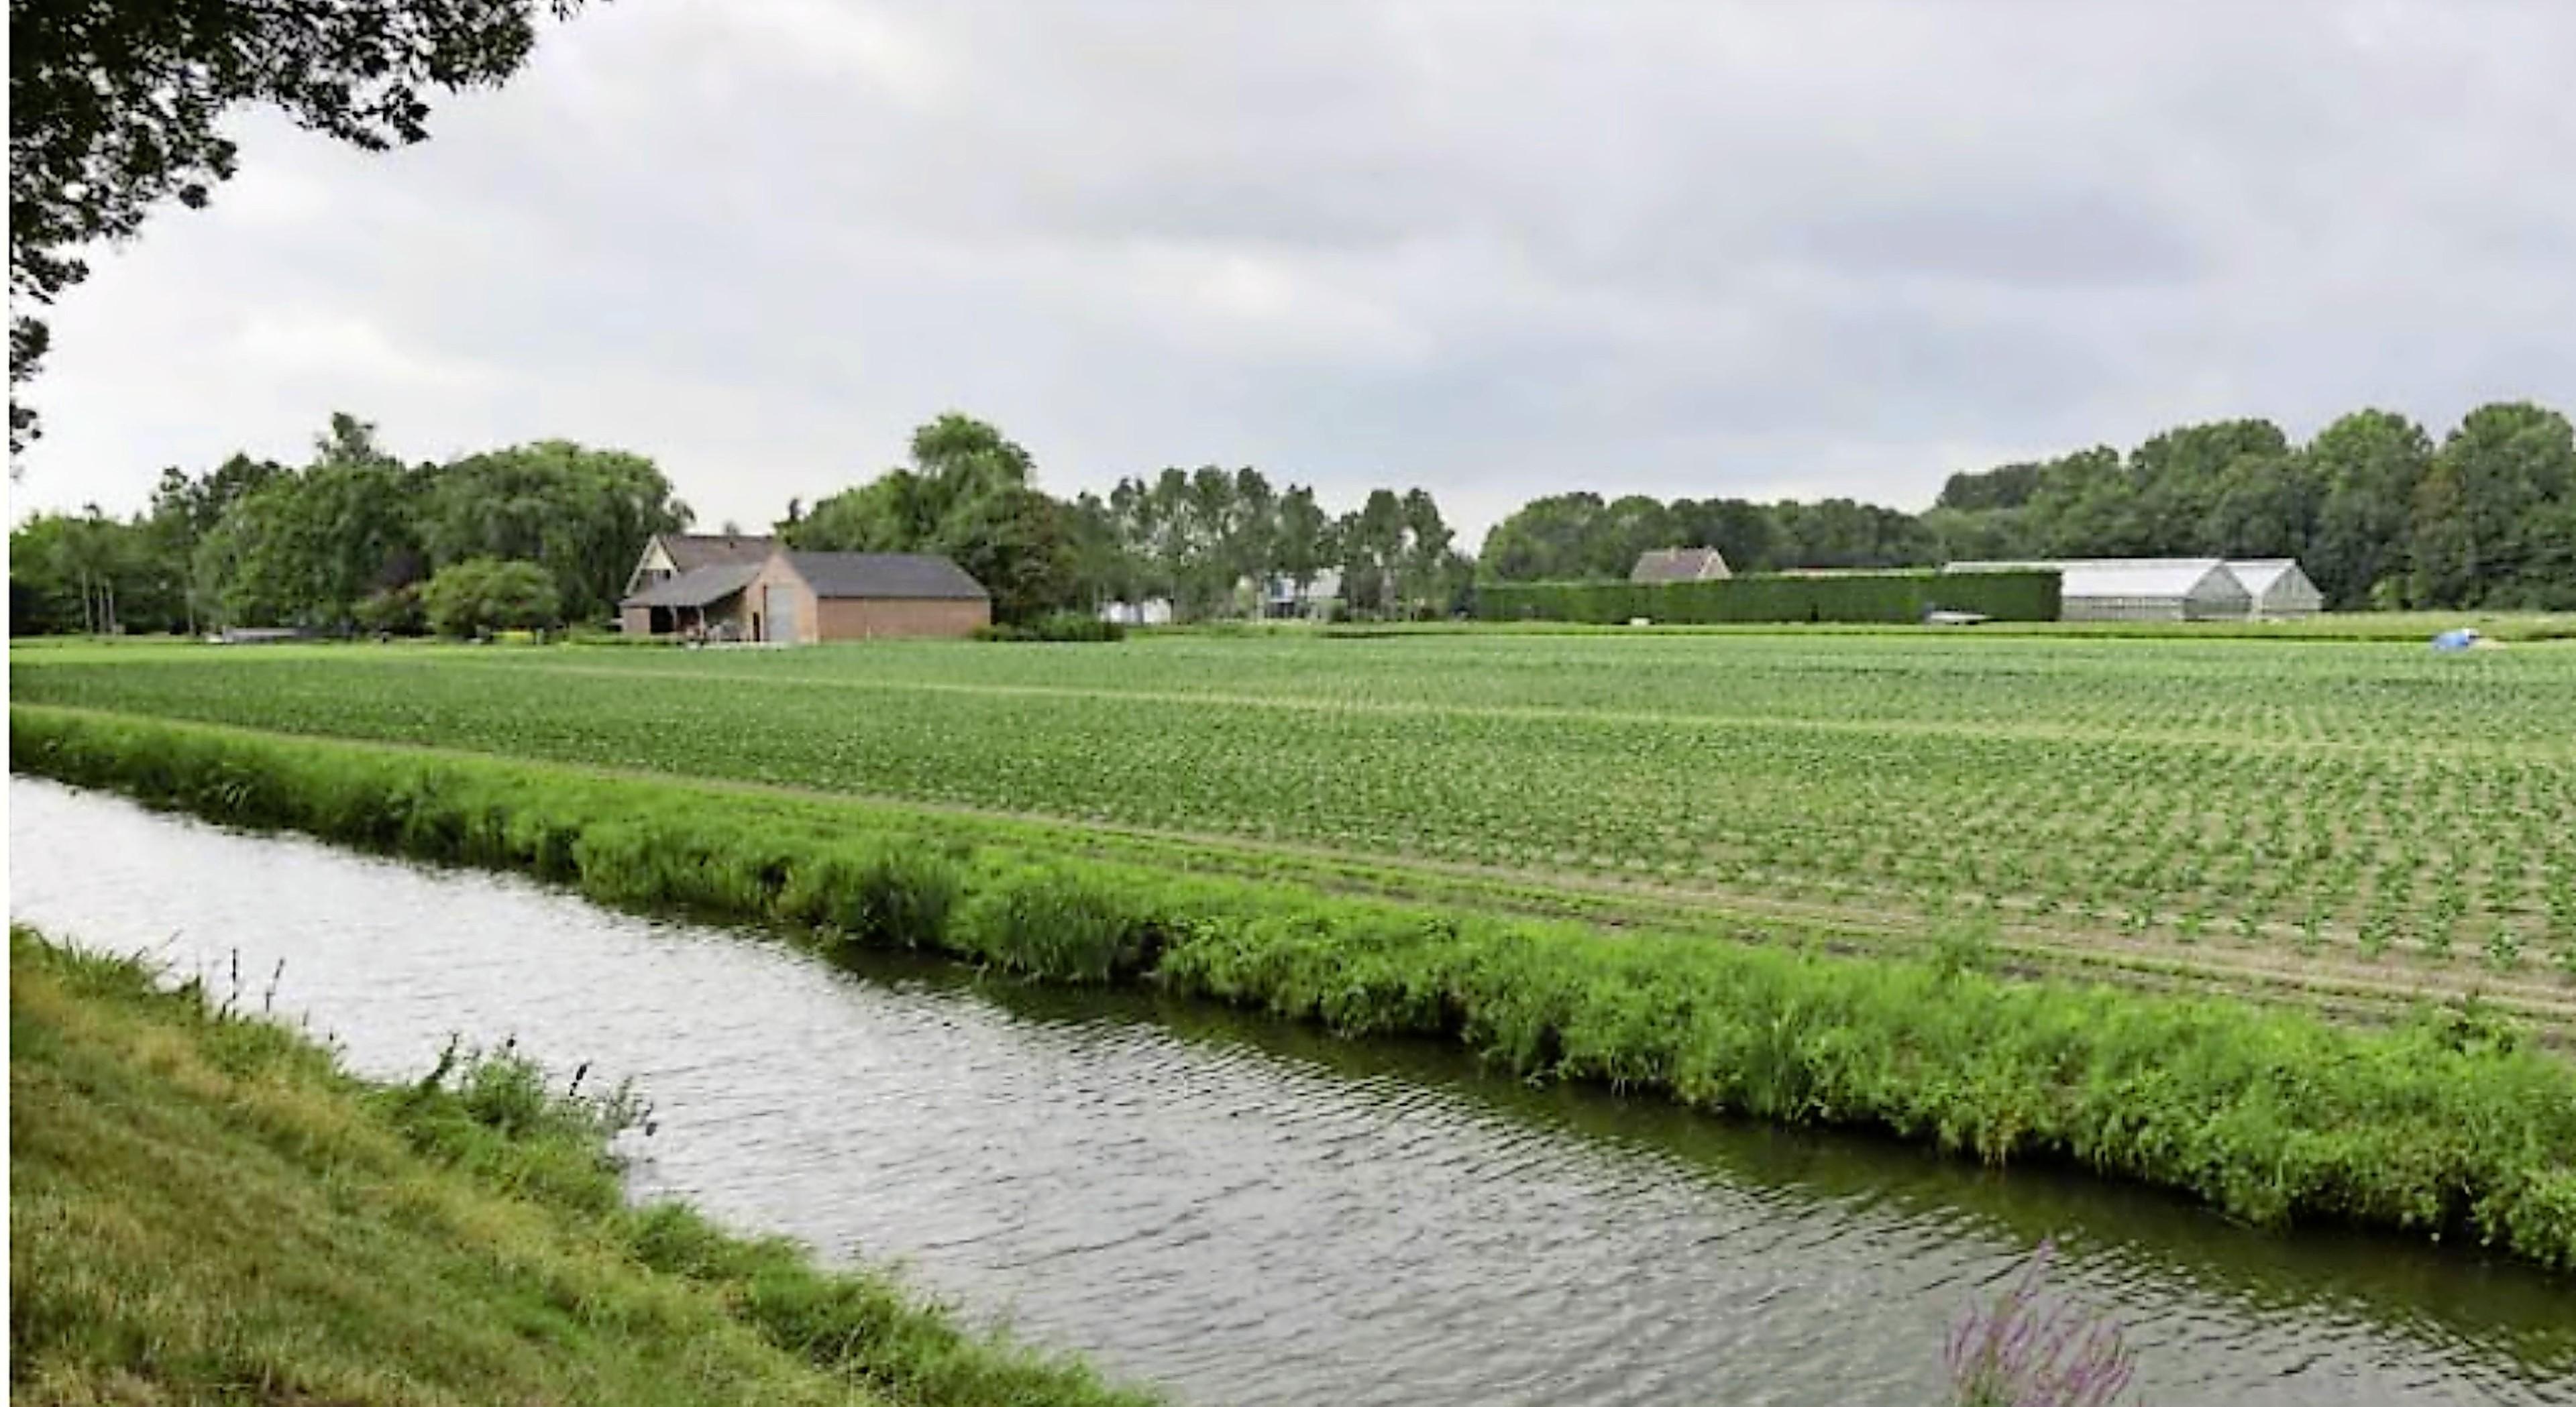 Familie Zwaan dringt aan op snelle uitwerking nieuwbouwwijk Enkhuizen: 'Bedrijf gaat ten onder' - No